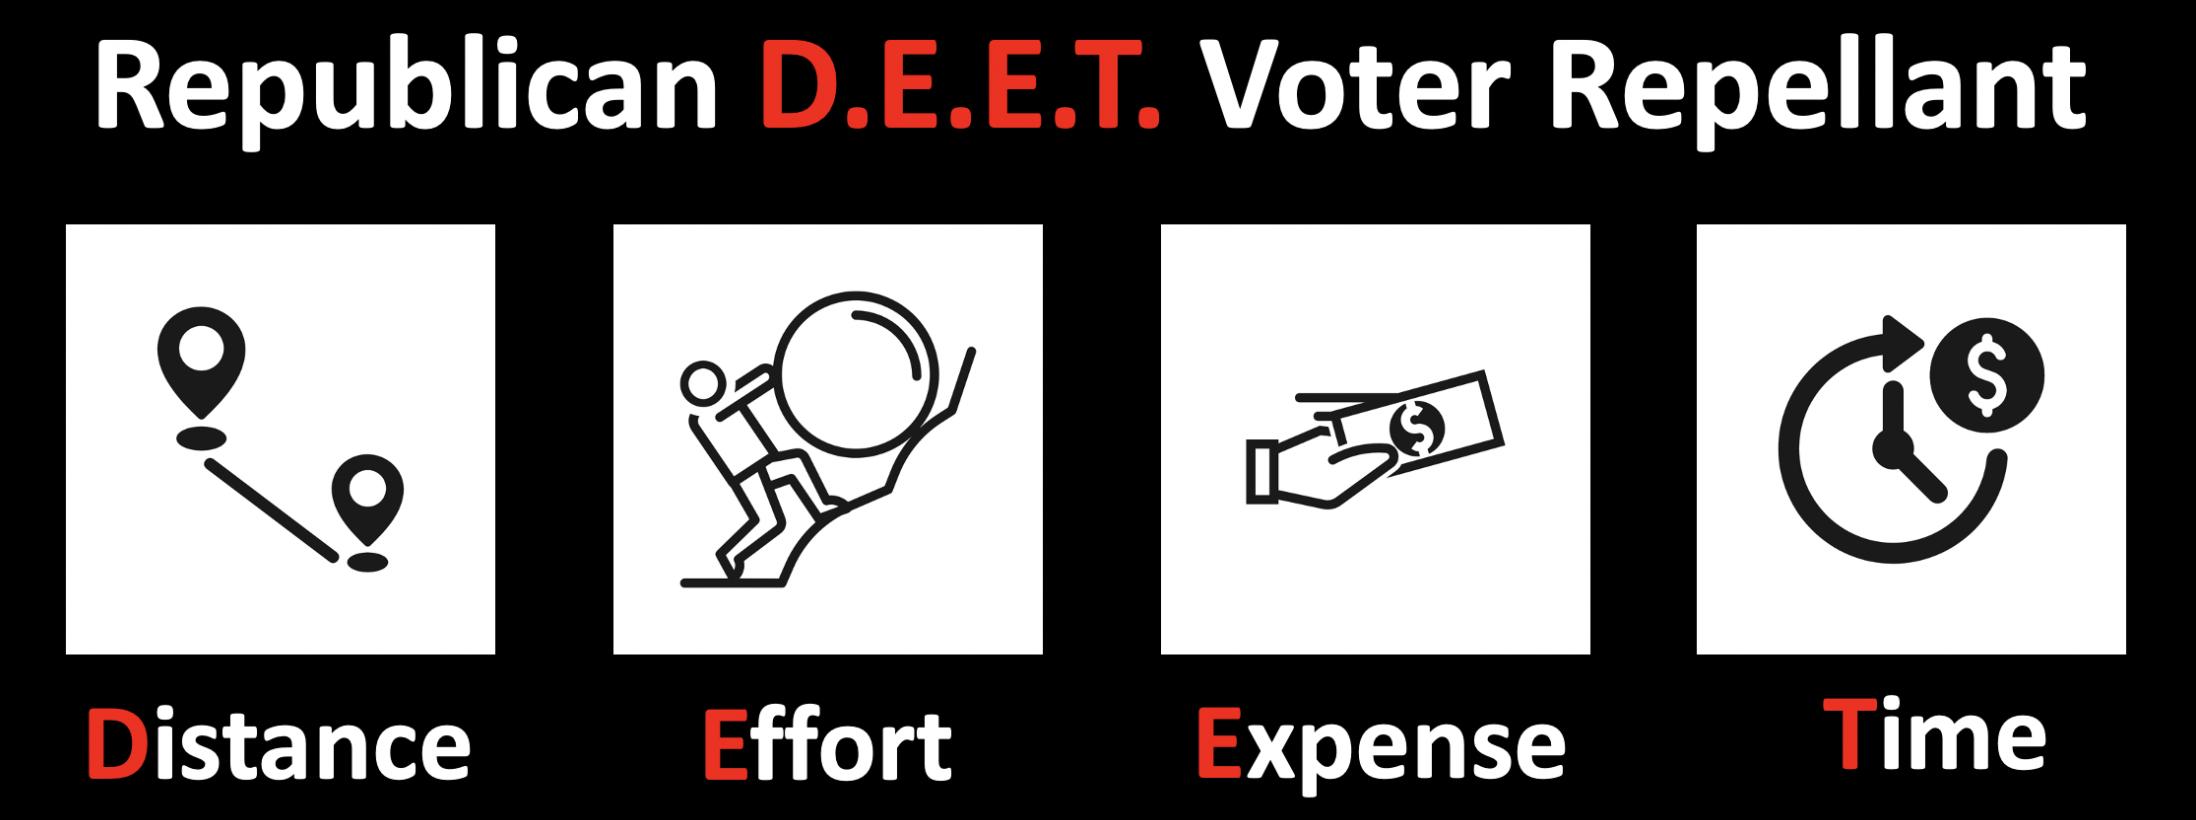 Republican DEET voter repellant strategy